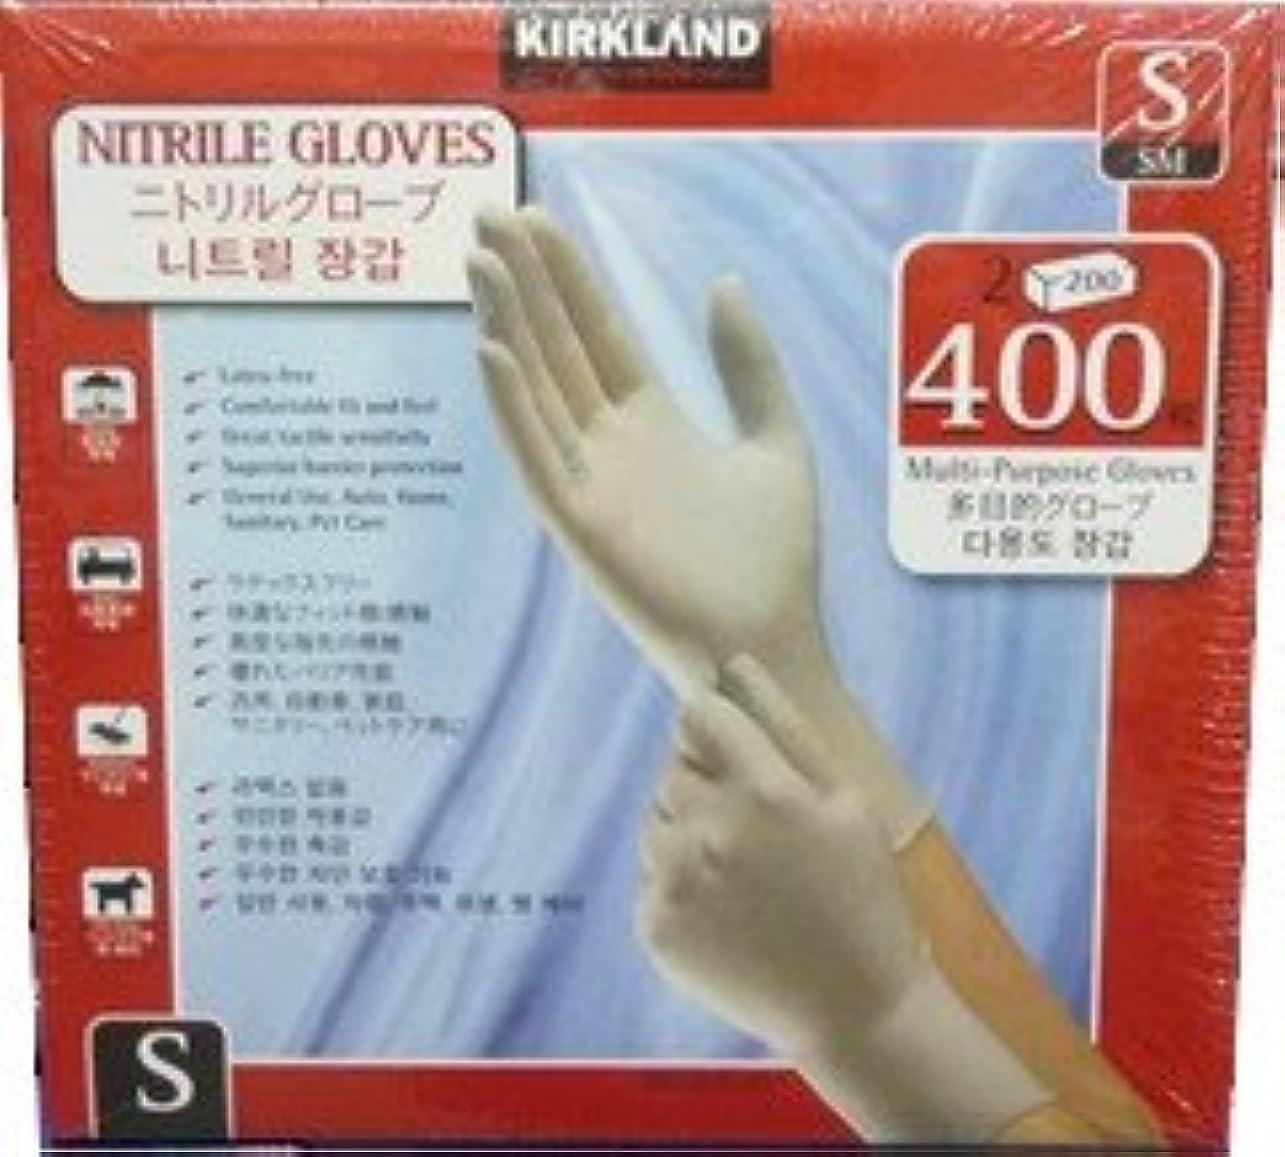 認証違法司令官KIRKLAND カークランド ニトリルグローブ 手袋 Sサイズ 200枚×2箱